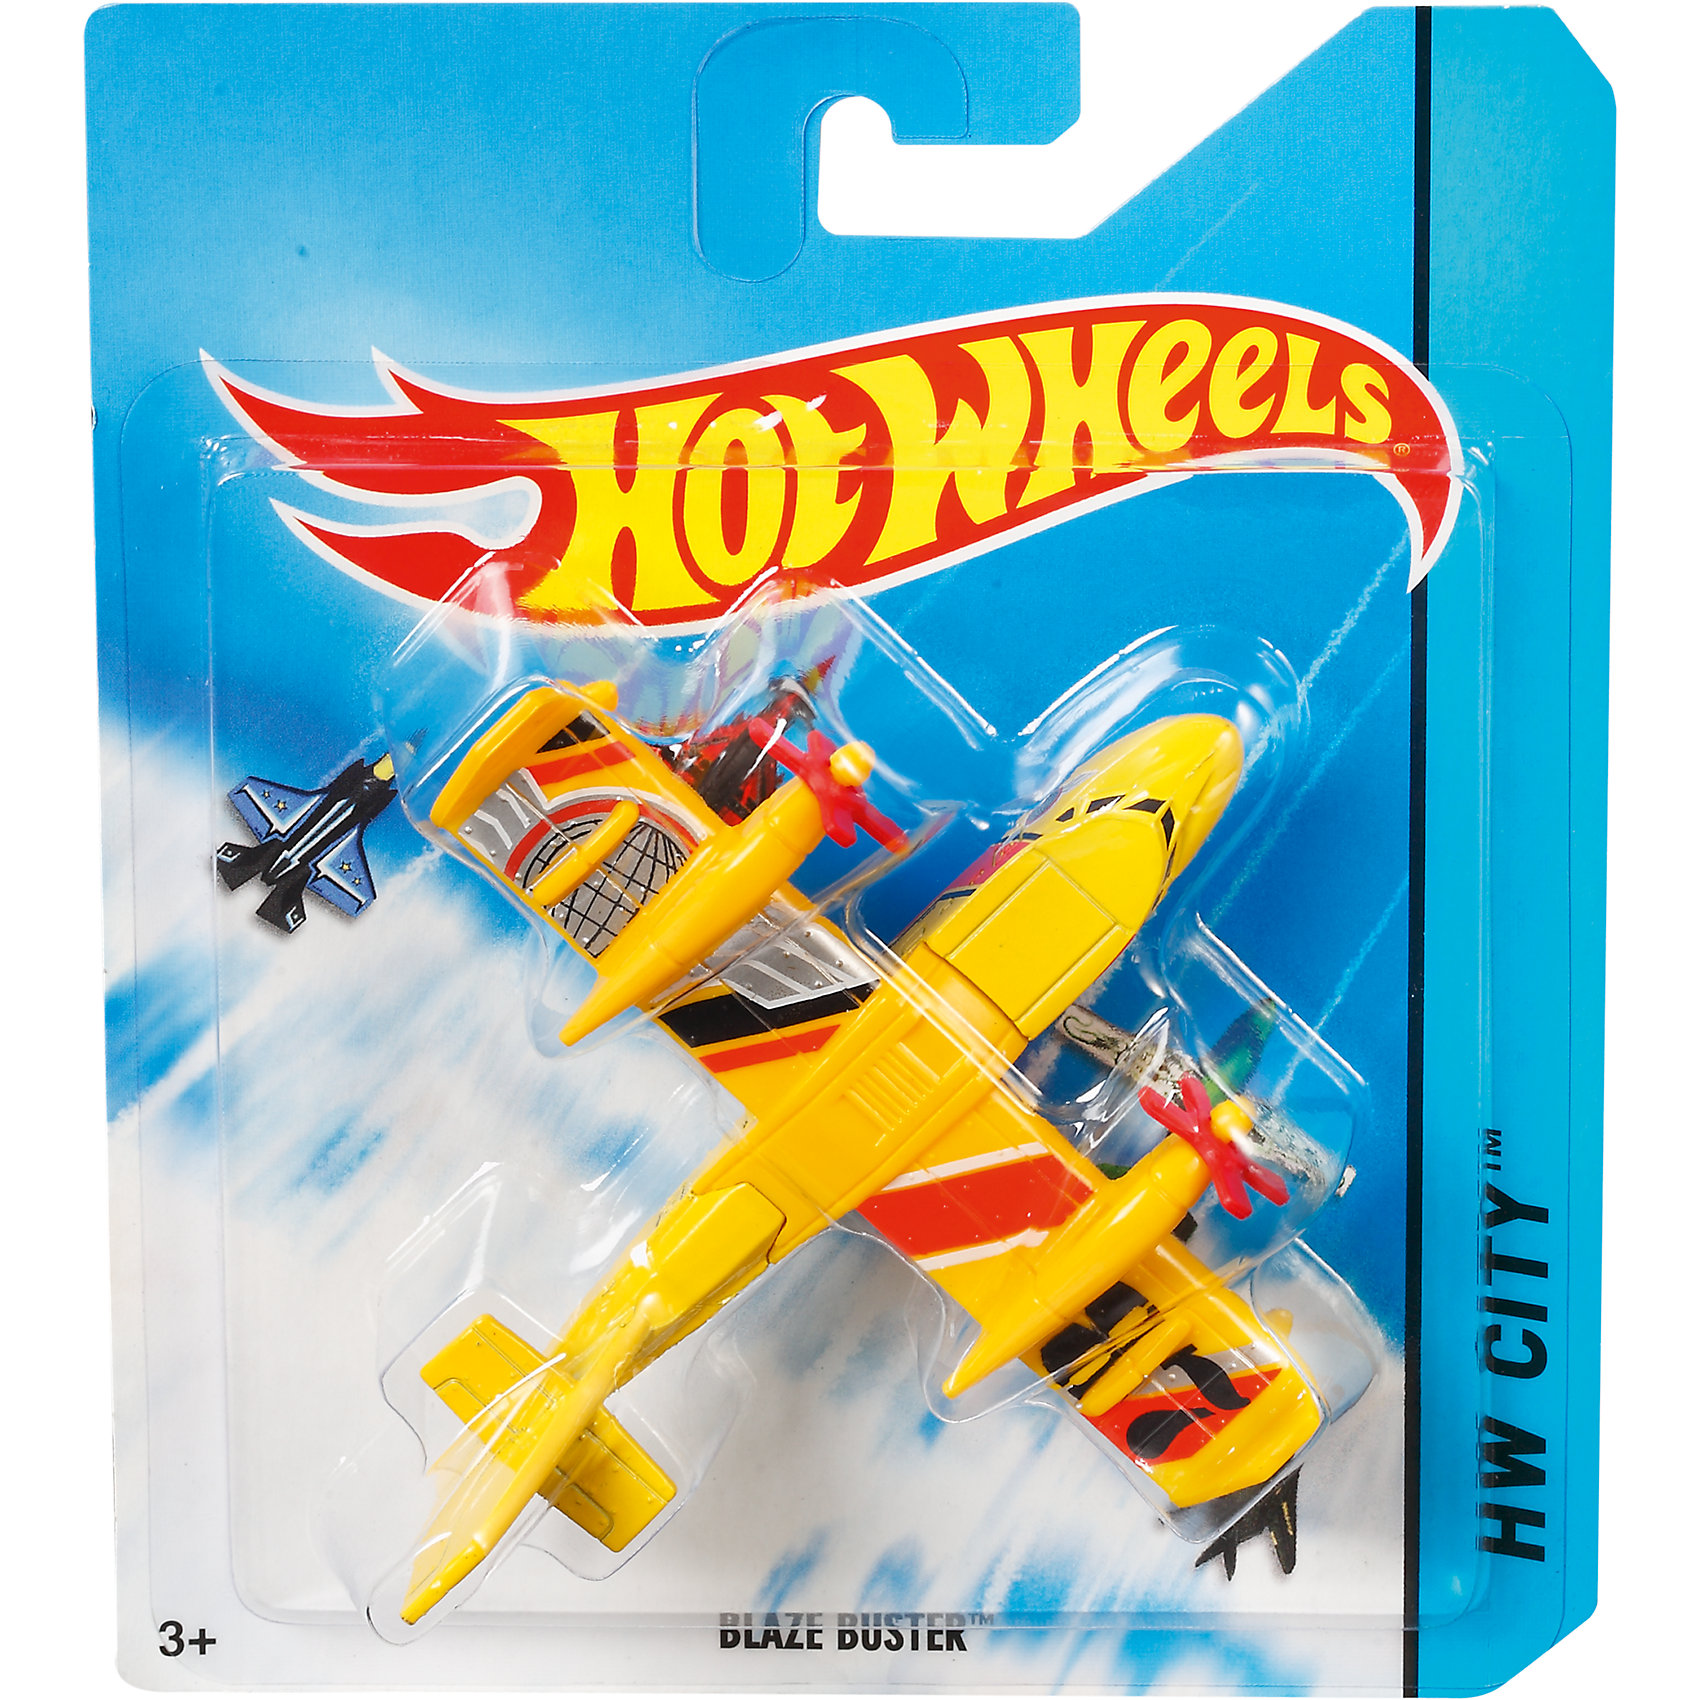 Самолёты, Hot WheelsСамолёты и вертолёты<br>Самолёты в ассортименте, Hot Wheels (Хот Вилс) - это замечательный подарок для вашего мальчика.<br>Hot Wheels поможет тебе покорить небо и стать первоклассным пилотом! Серия Sky Busters включает реалистичные, тщательно проработанные самолеты и вертолеты, точь-в-точь похожие на настоящие!<br><br>Дополнительная информация:<br><br>- В комплекте: один самолет<br>- Материал: высококачественный пластик<br>- Размер упаковки: 165x137х30 мм.<br>- Вес: 70 гр.<br><br>- ВНИМАНИЕ! Данный артикул представлен в разных вариантах исполнения. К сожалению, заранее выбрать определенный вариант невозможно. При заказе нескольких наборов возможно получение одинаковых<br><br>Самолёты в ассортименте, Hot Wheels (Хот Вилс) можно купить в нашем интернет-магазине.<br><br>Ширина мм: 165<br>Глубина мм: 140<br>Высота мм: 30<br>Вес г: 70<br>Возраст от месяцев: 48<br>Возраст до месяцев: 96<br>Пол: Мужской<br>Возраст: Детский<br>SKU: 4234300